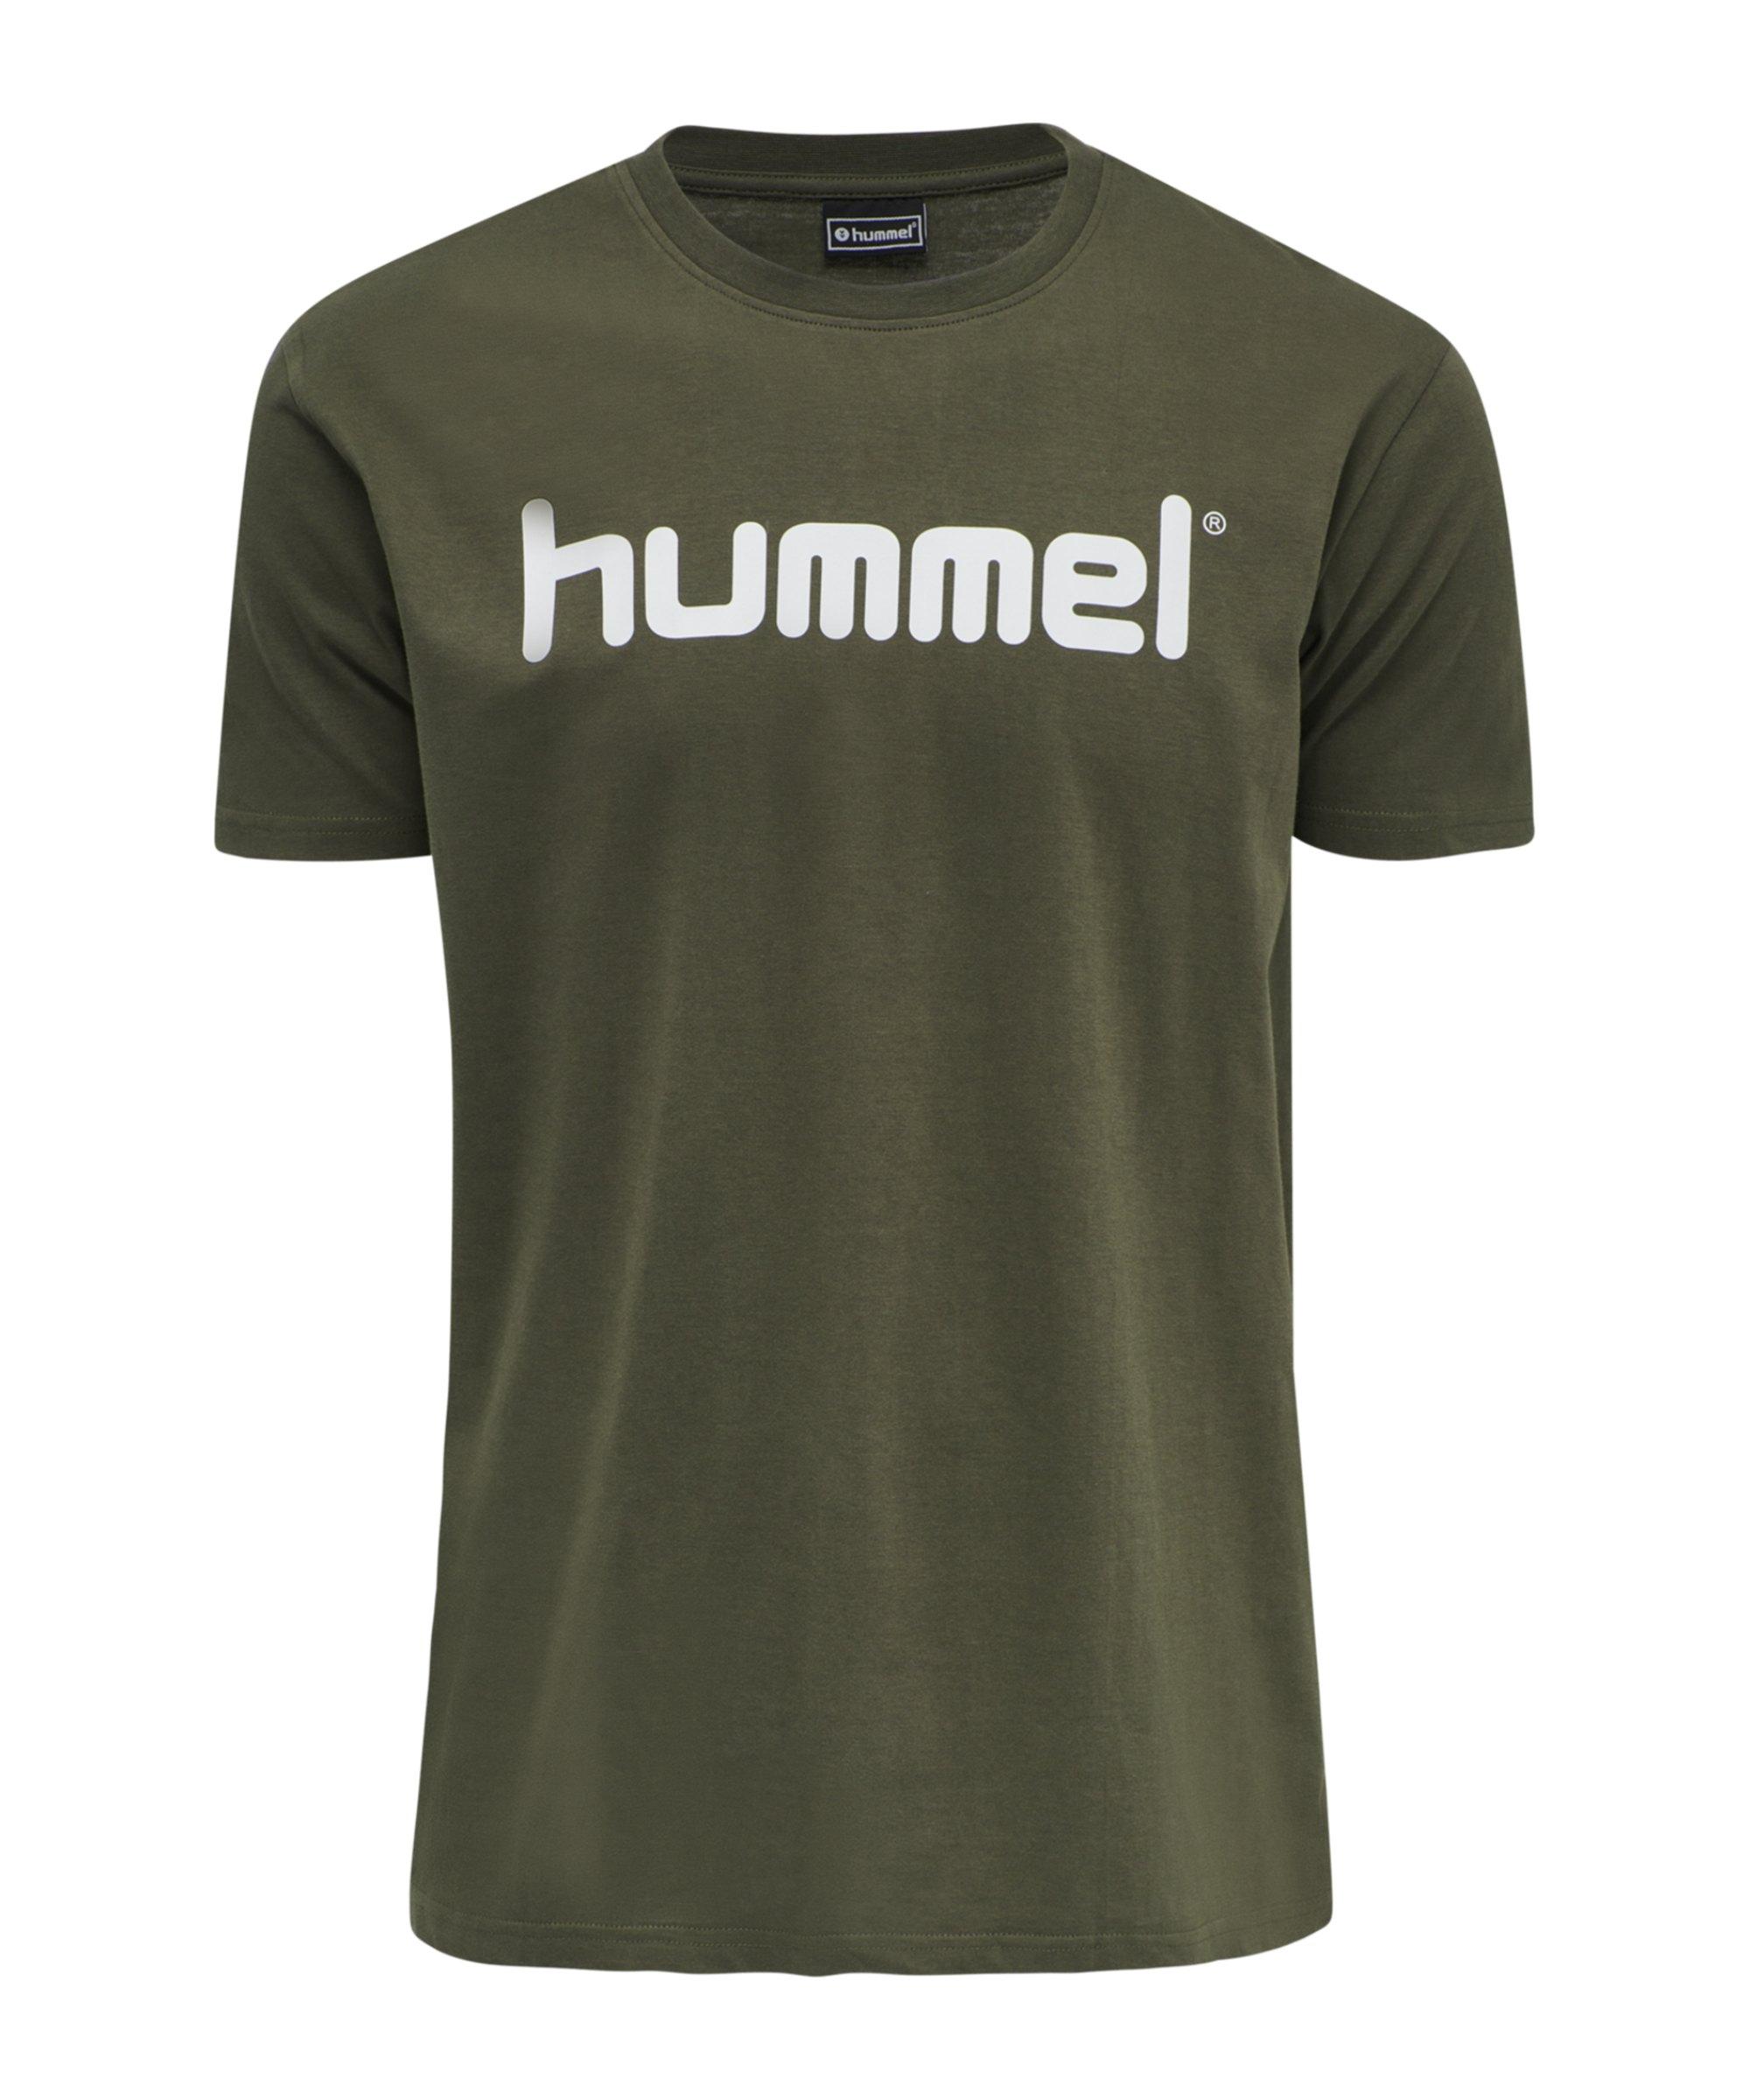 Hummel Cotton T-Shirt Logo Grün F6084 - gruen